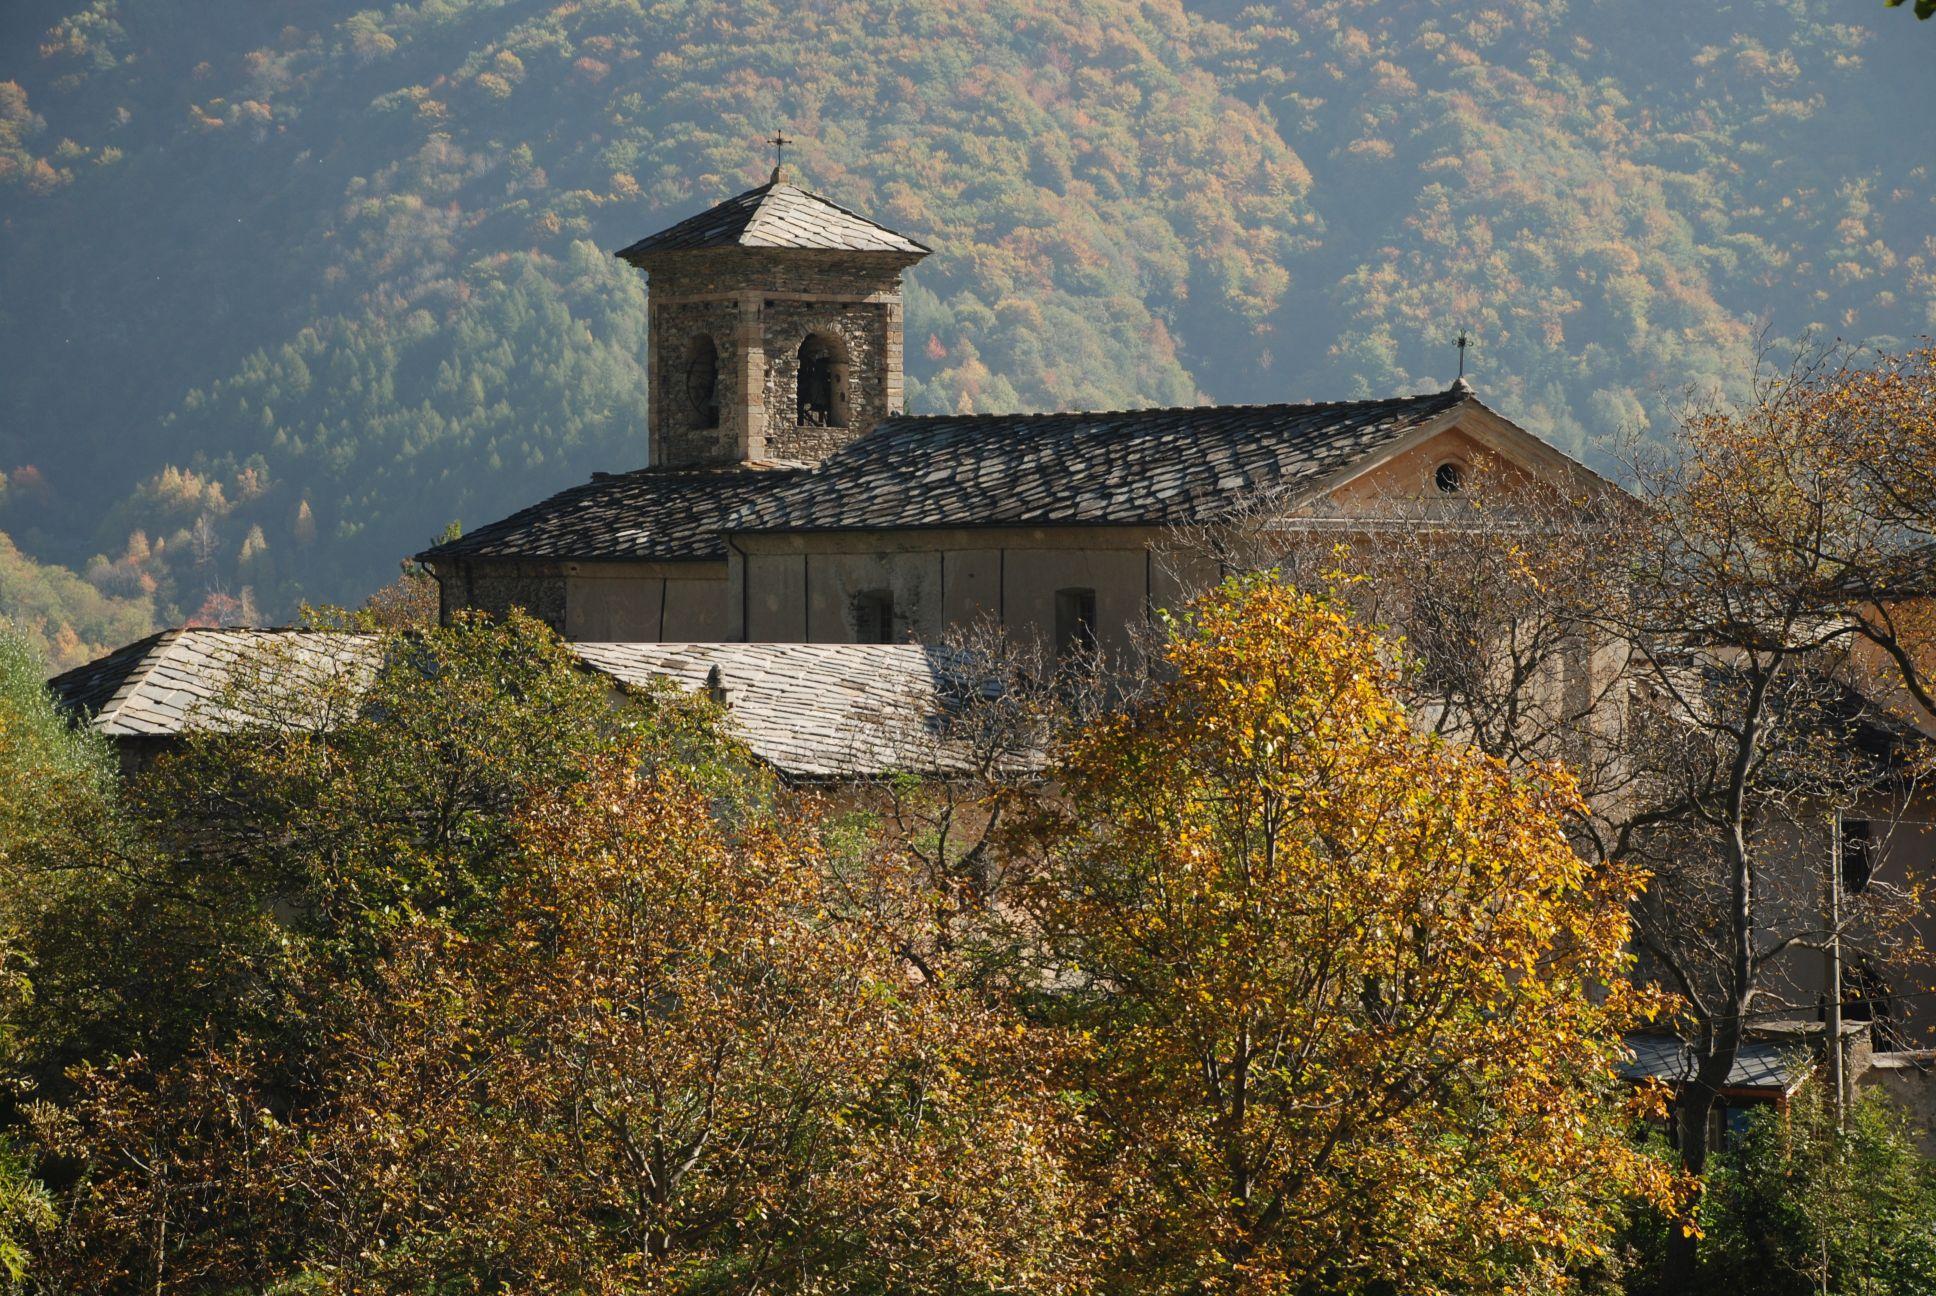 Anche l'abbazia di Novalesa ha riaperto ai visitatori, ma solo nei giorni feriali